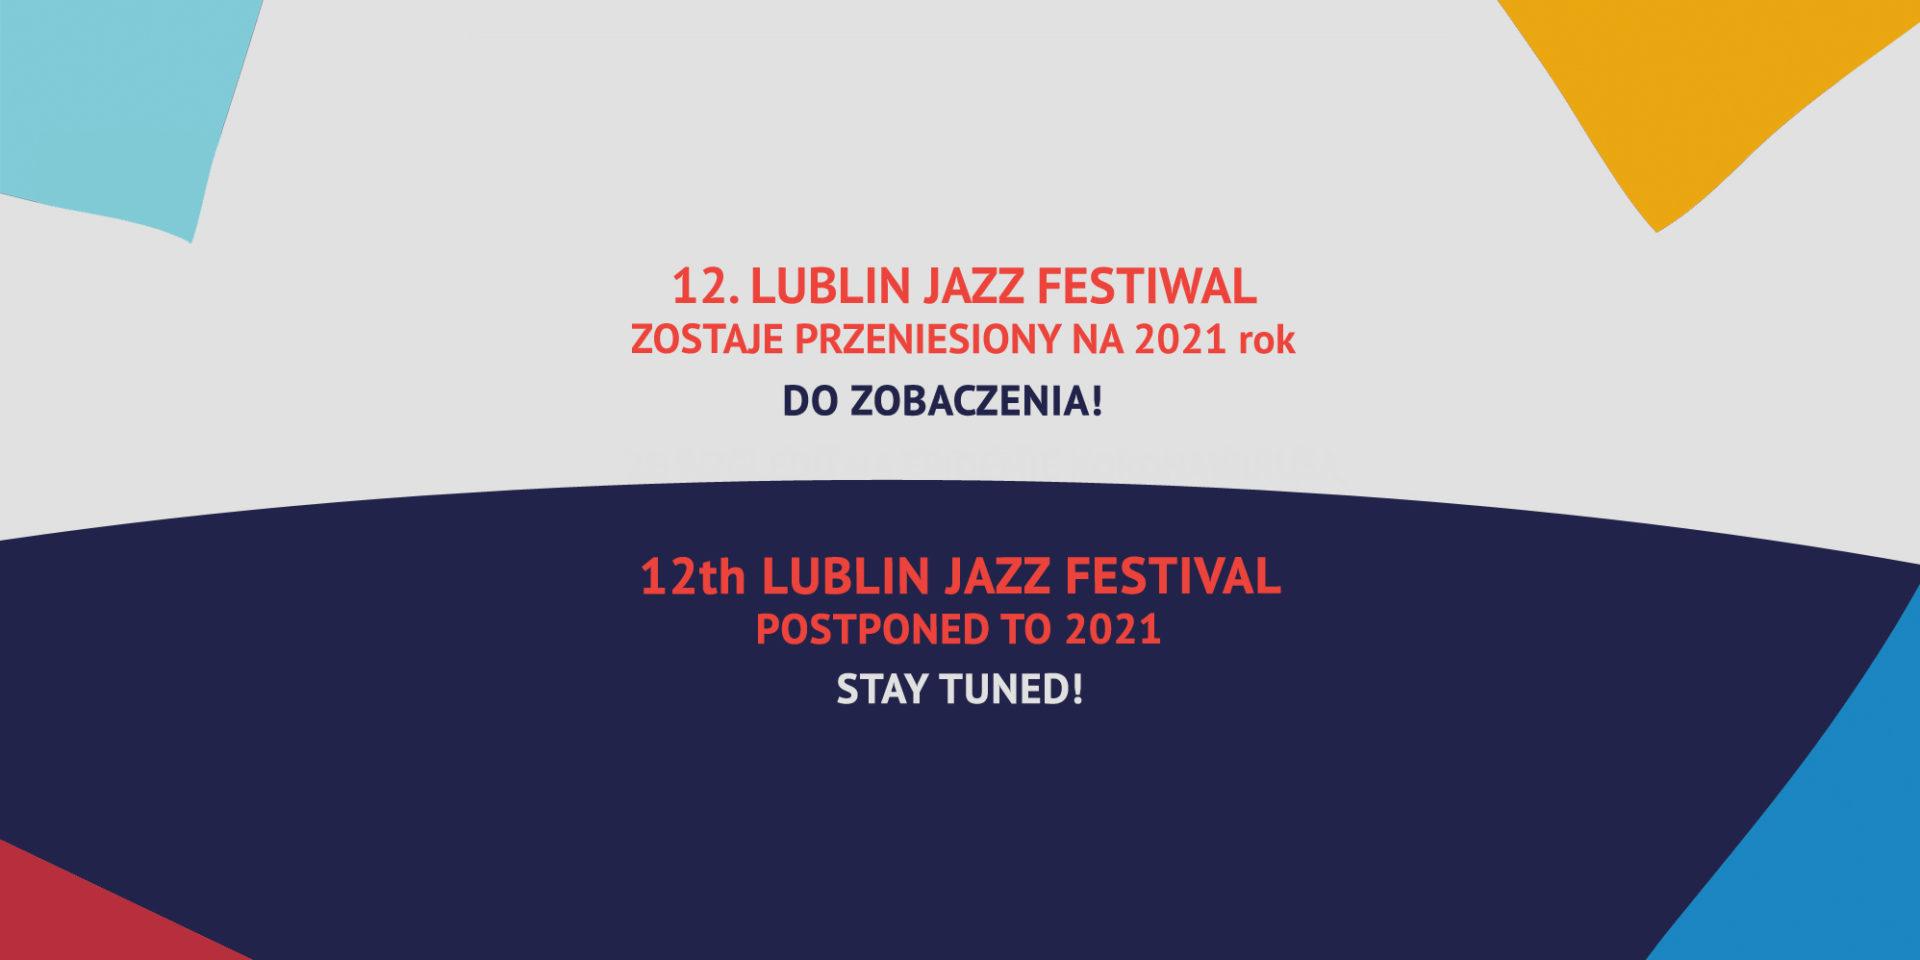 Komunikat w sprawie przeniesienia 12. Lublin Jazz Festiwalu